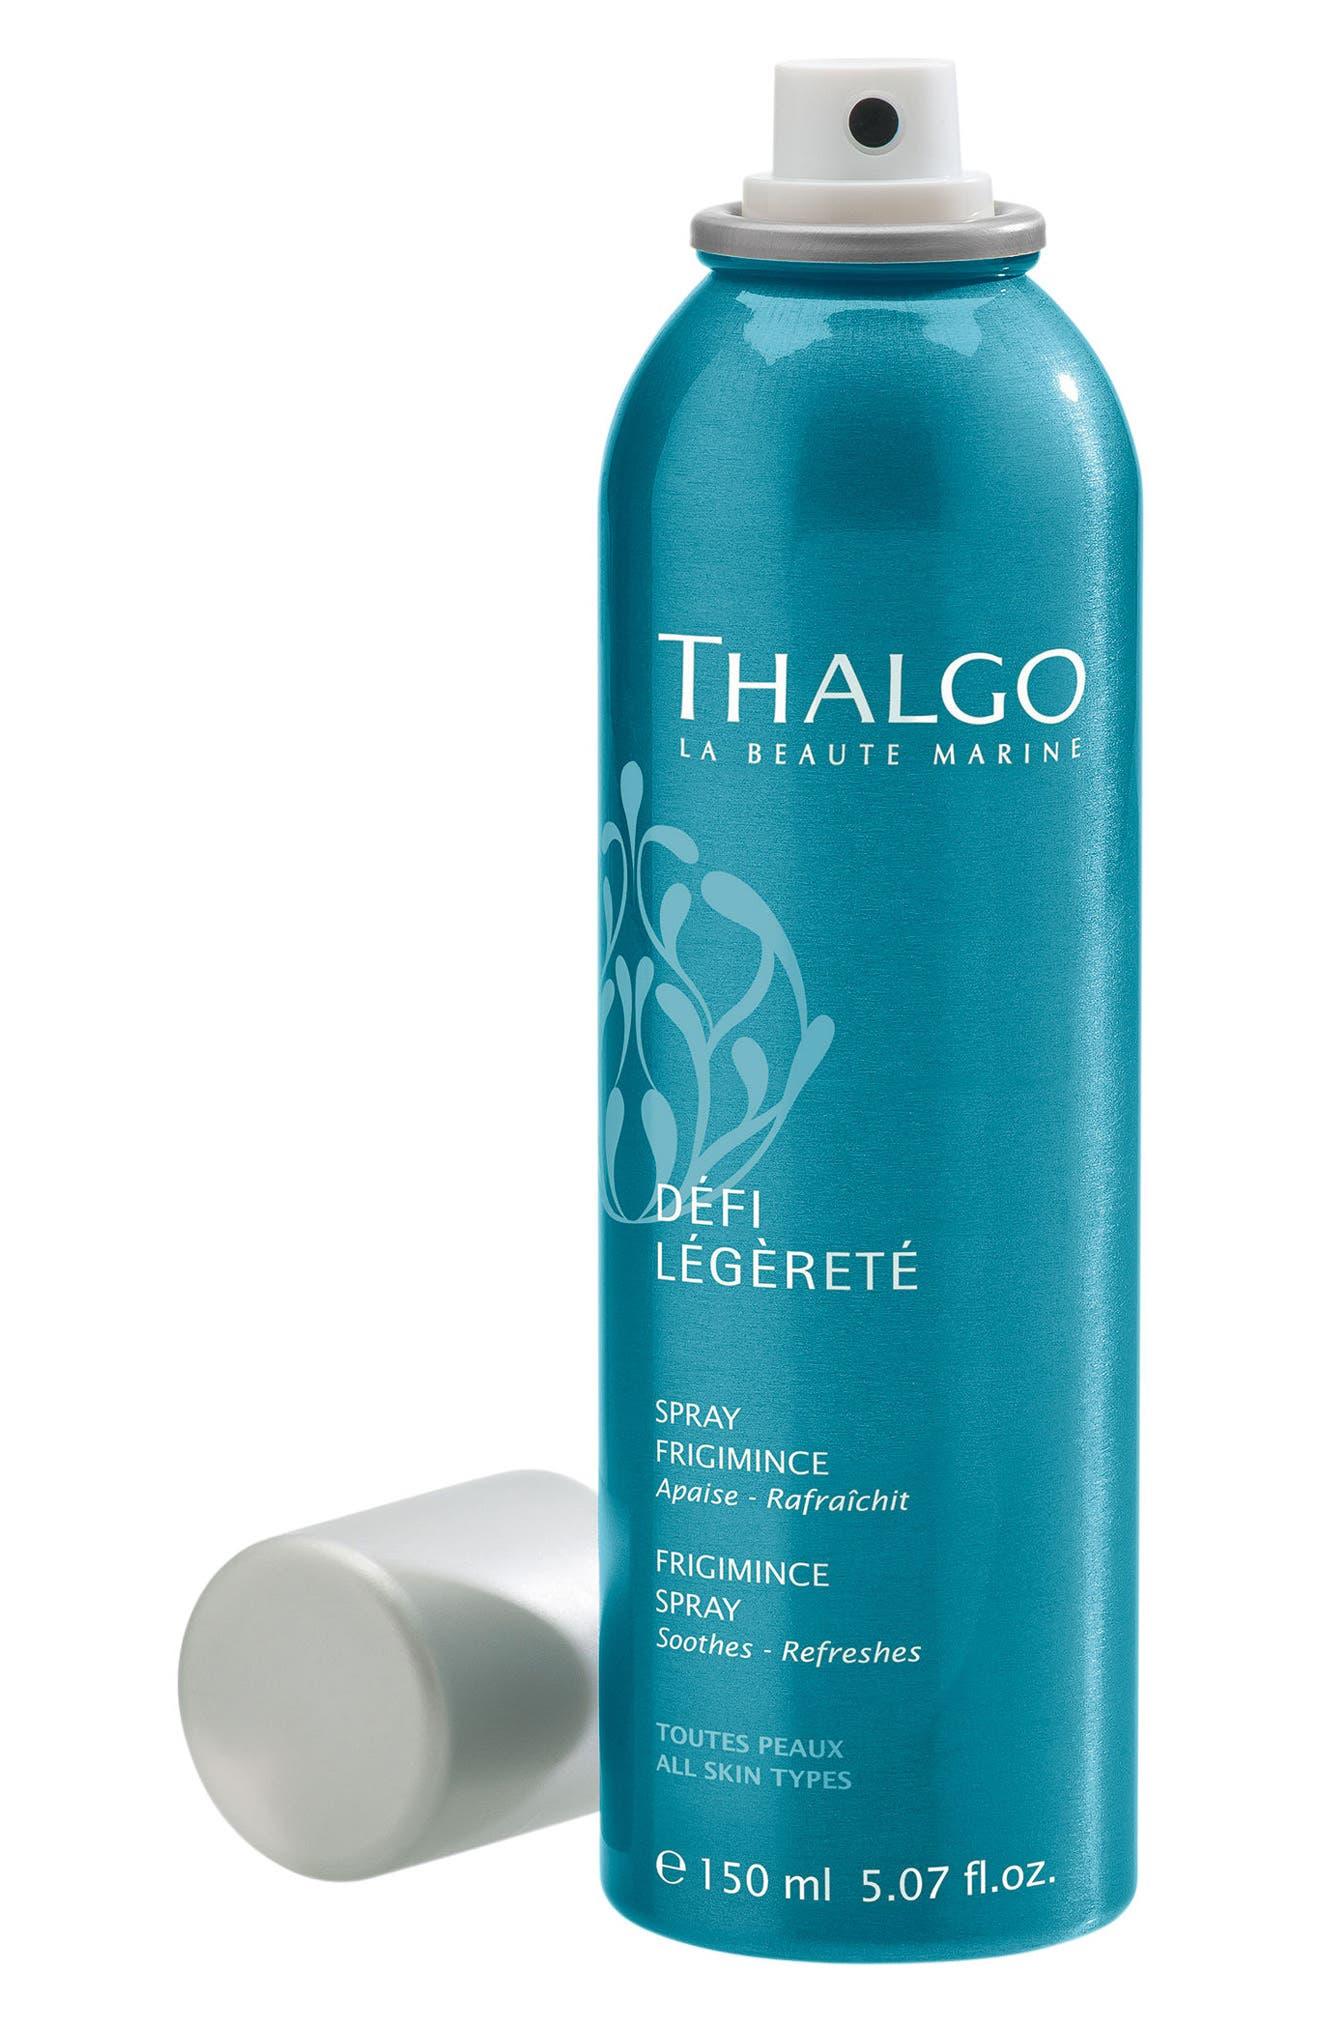 Thalgo 'Spray Frigimince' Refining Enhancer